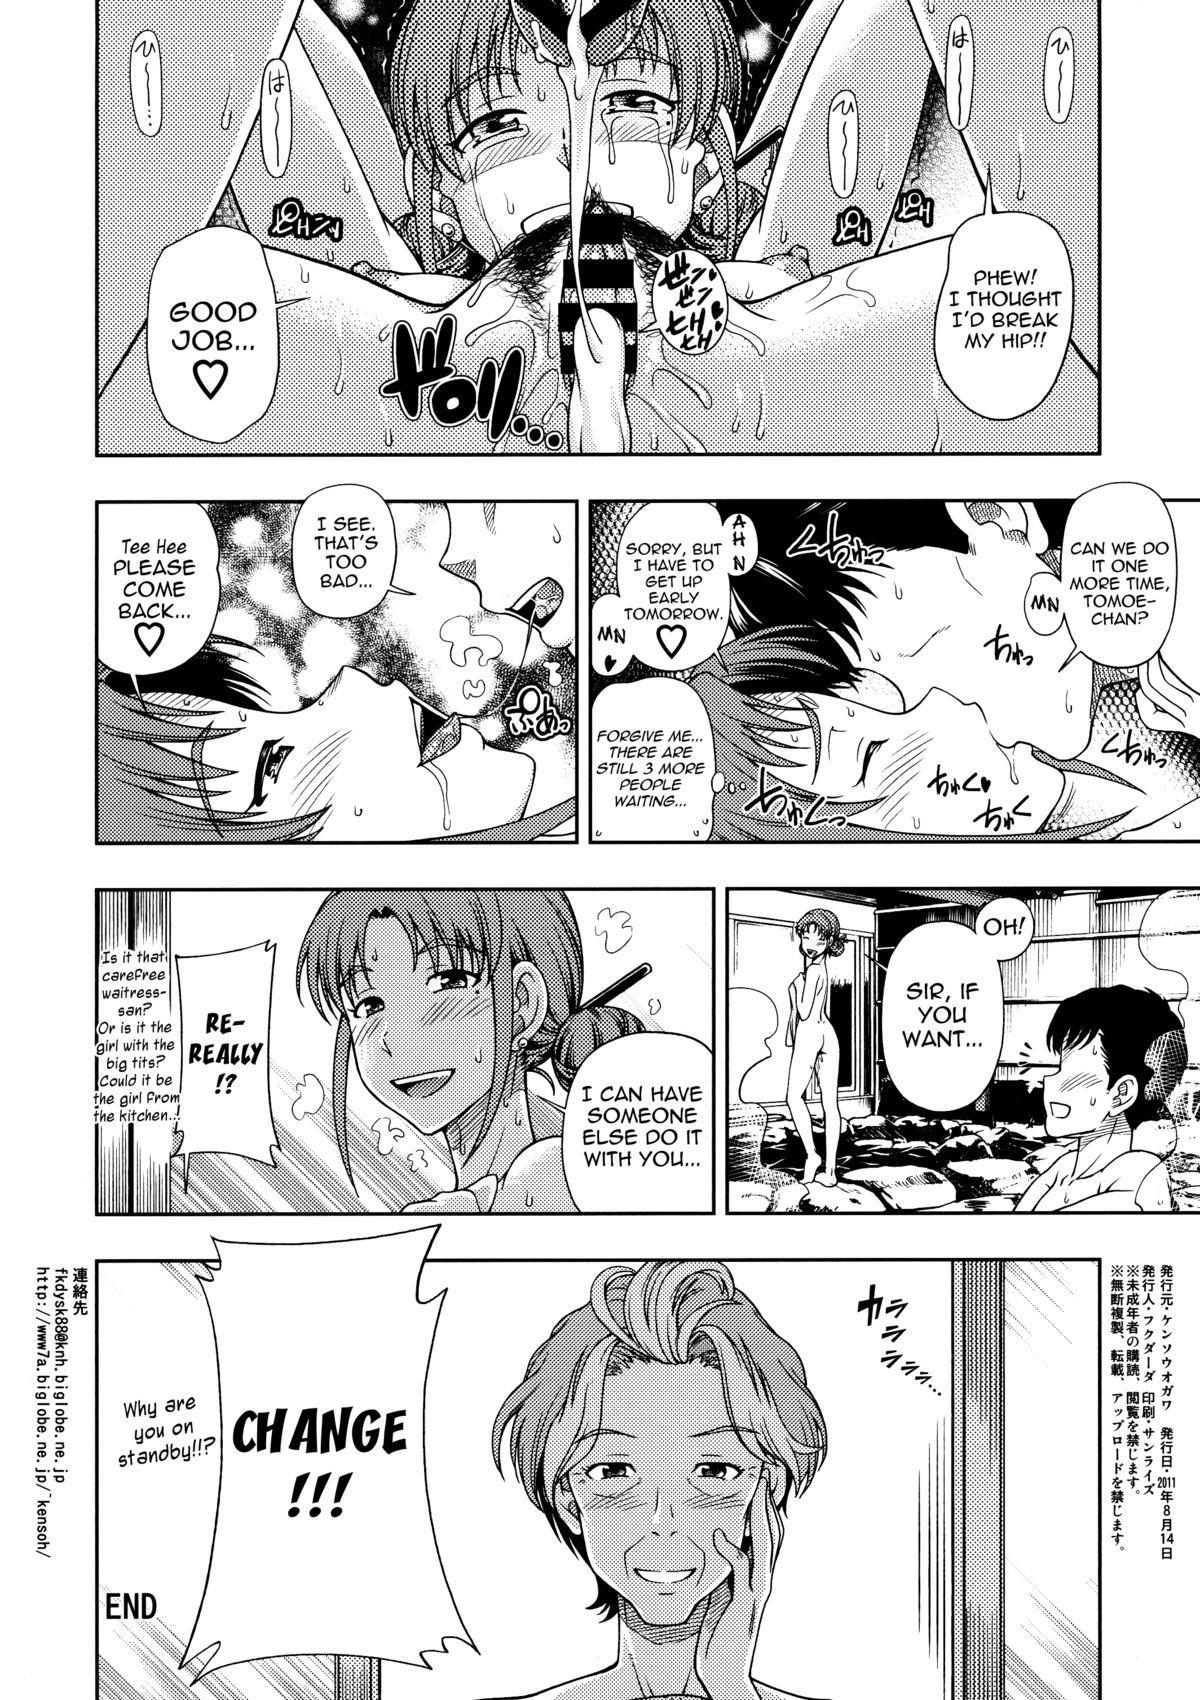 Hanachiru Hoheto 3